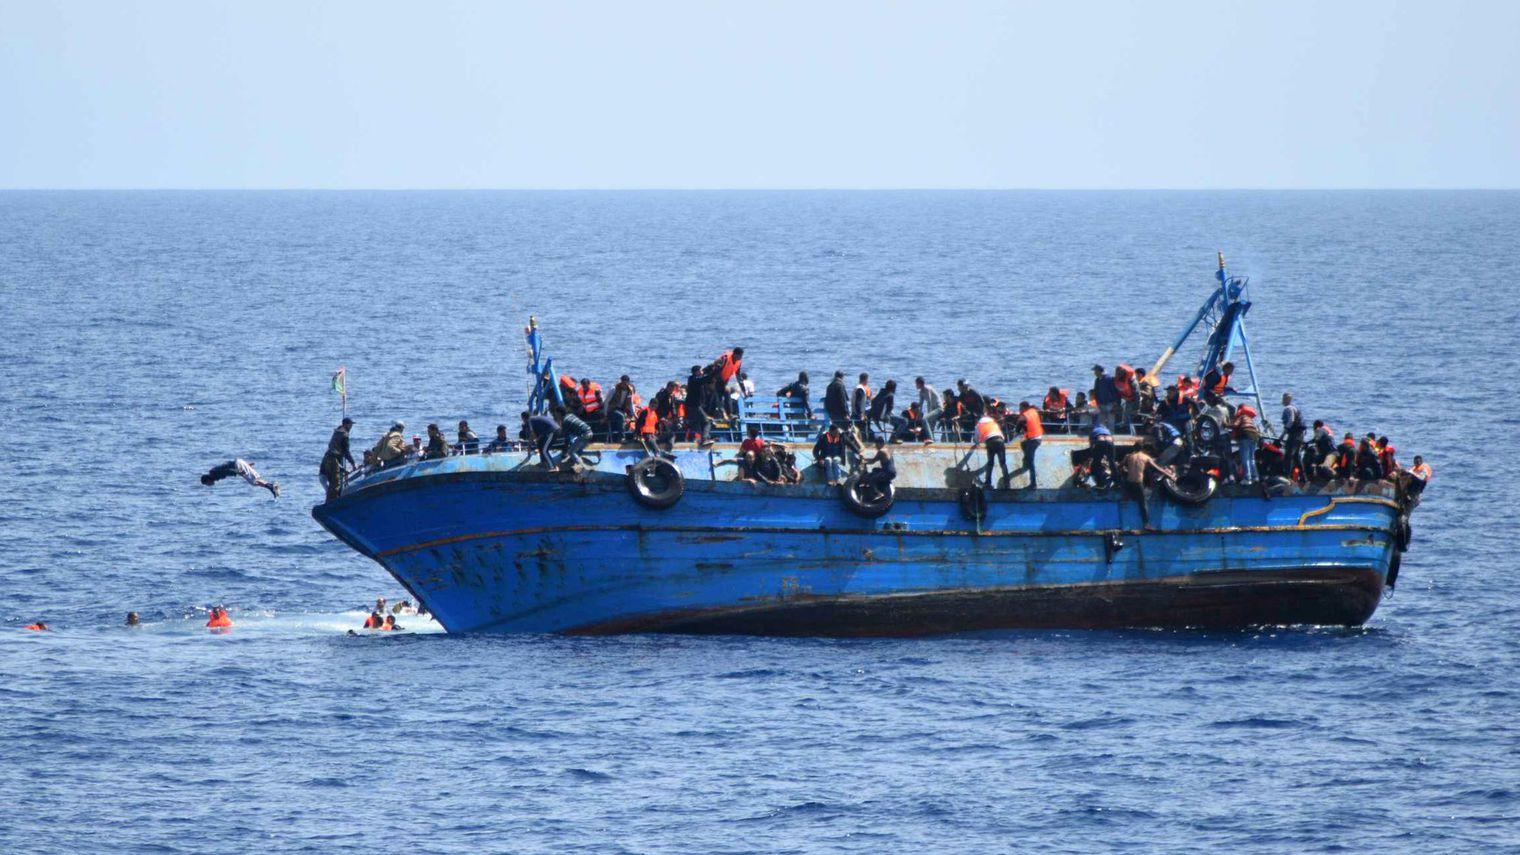 Près de 6500 migrants secourus en une journée au large de la Libye, selon les gardes-côtes italiens